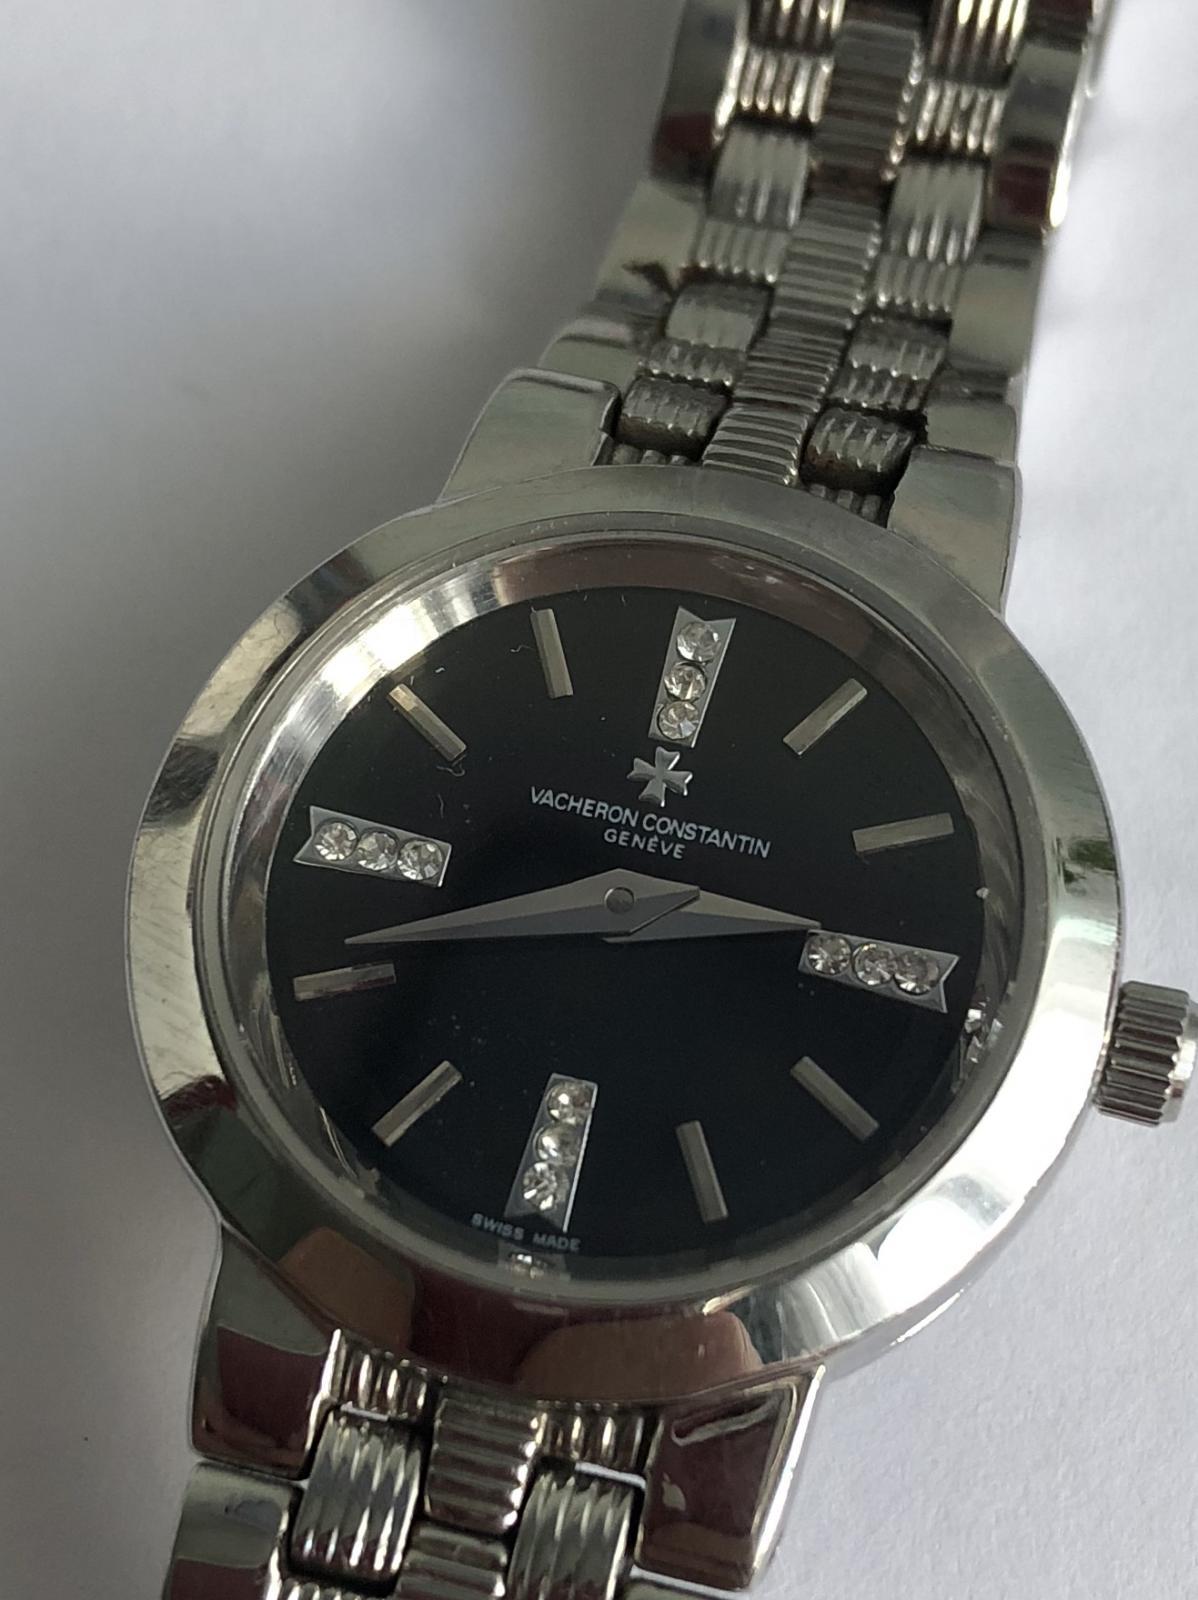 3299e83a027 Zegarek Vacheron Constantin Geneve - Podróbki i zapytania o ...